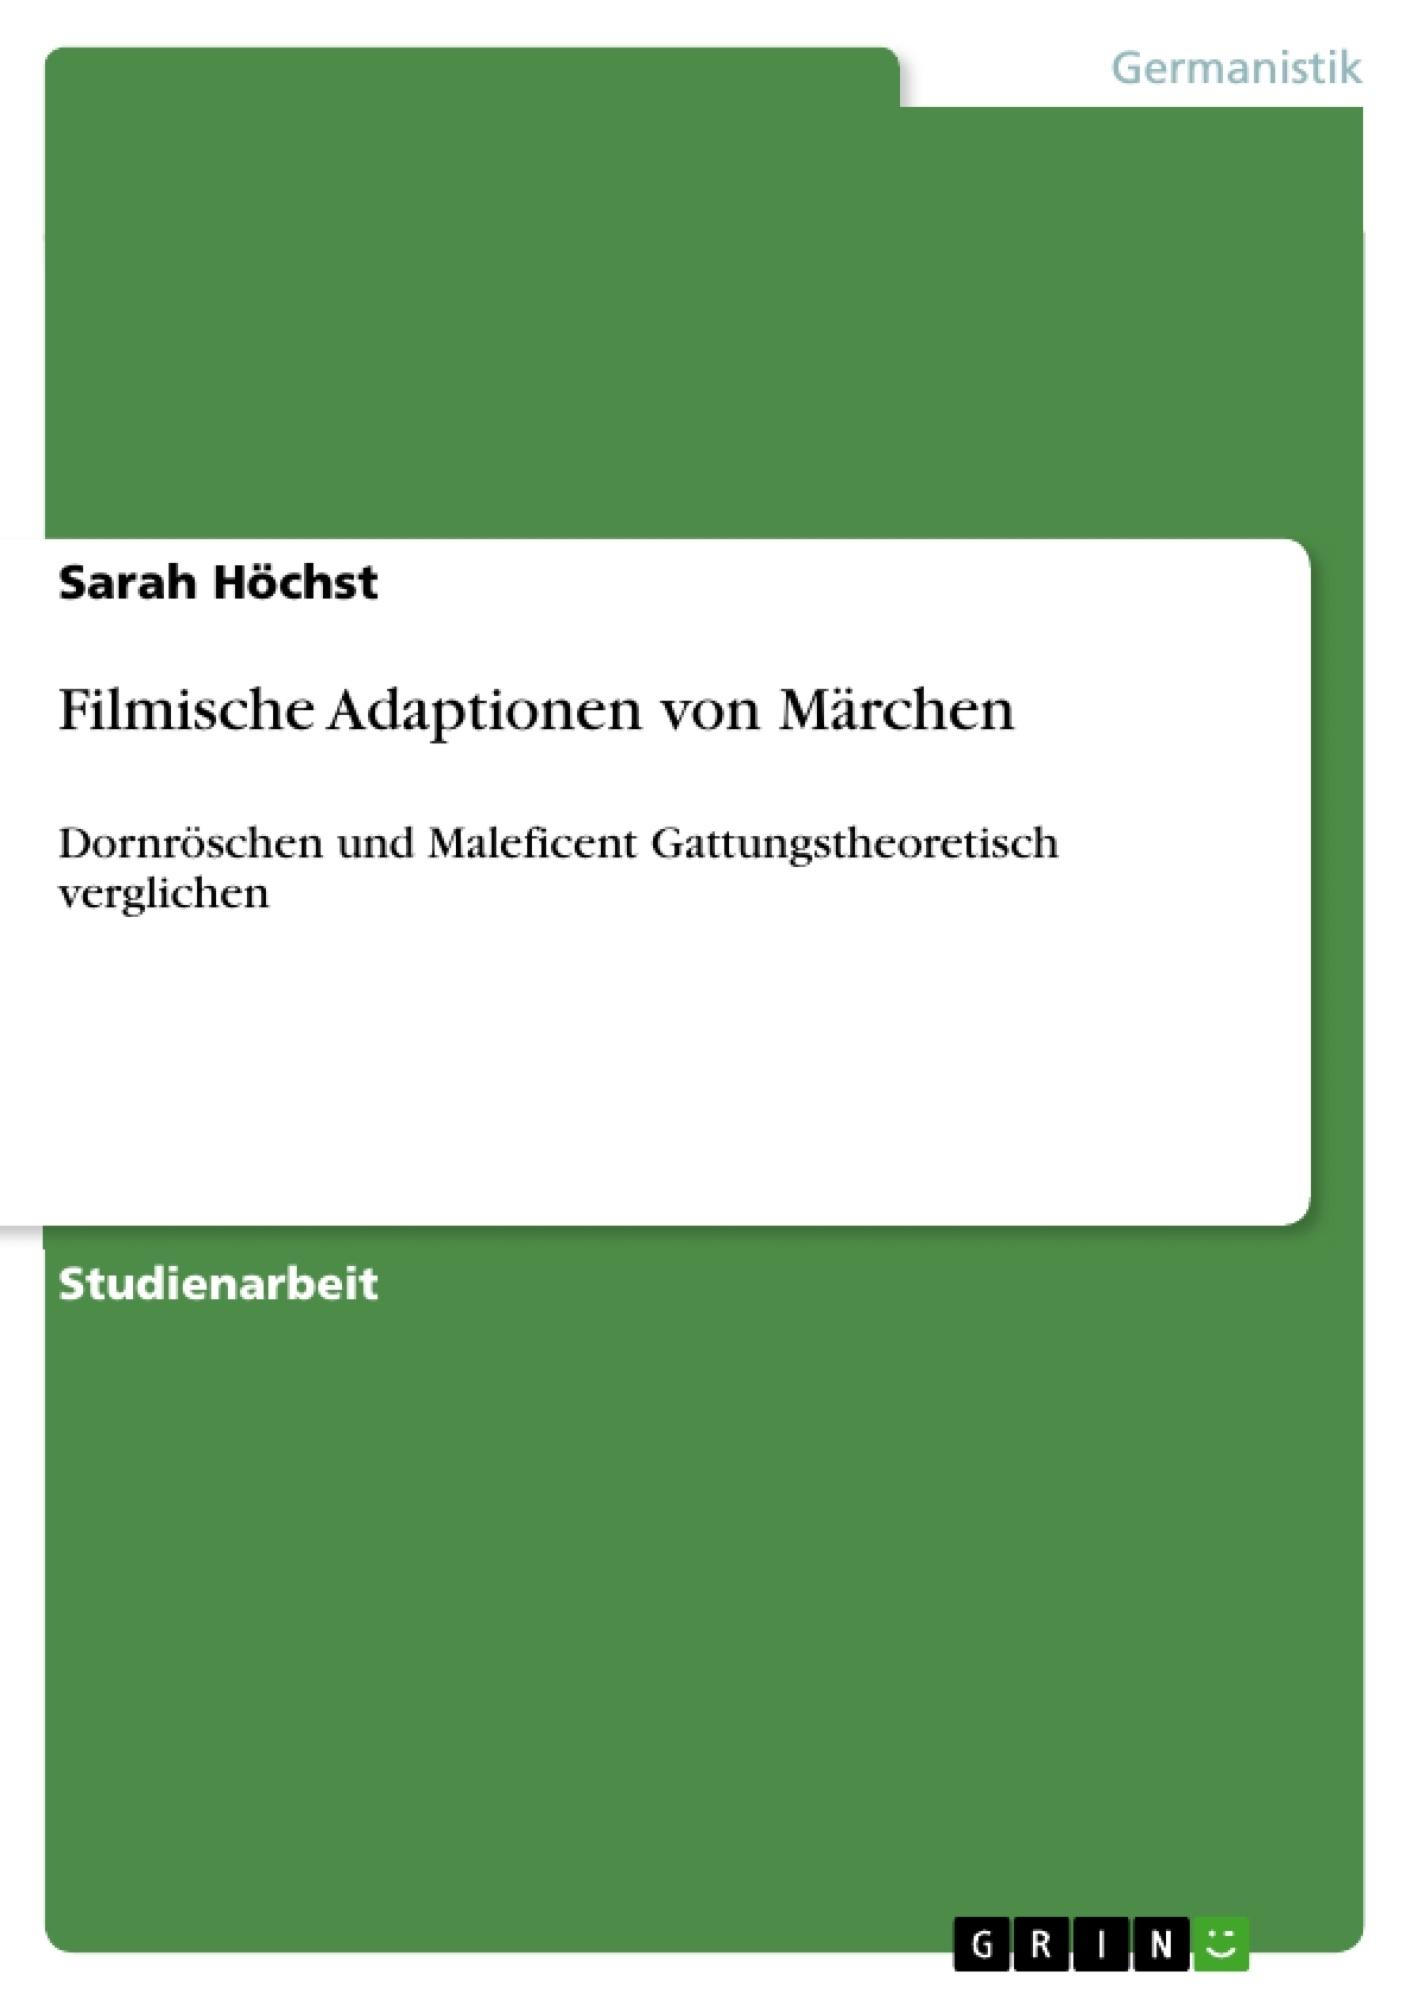 Titel: Filmische Adaptionen von Märchen